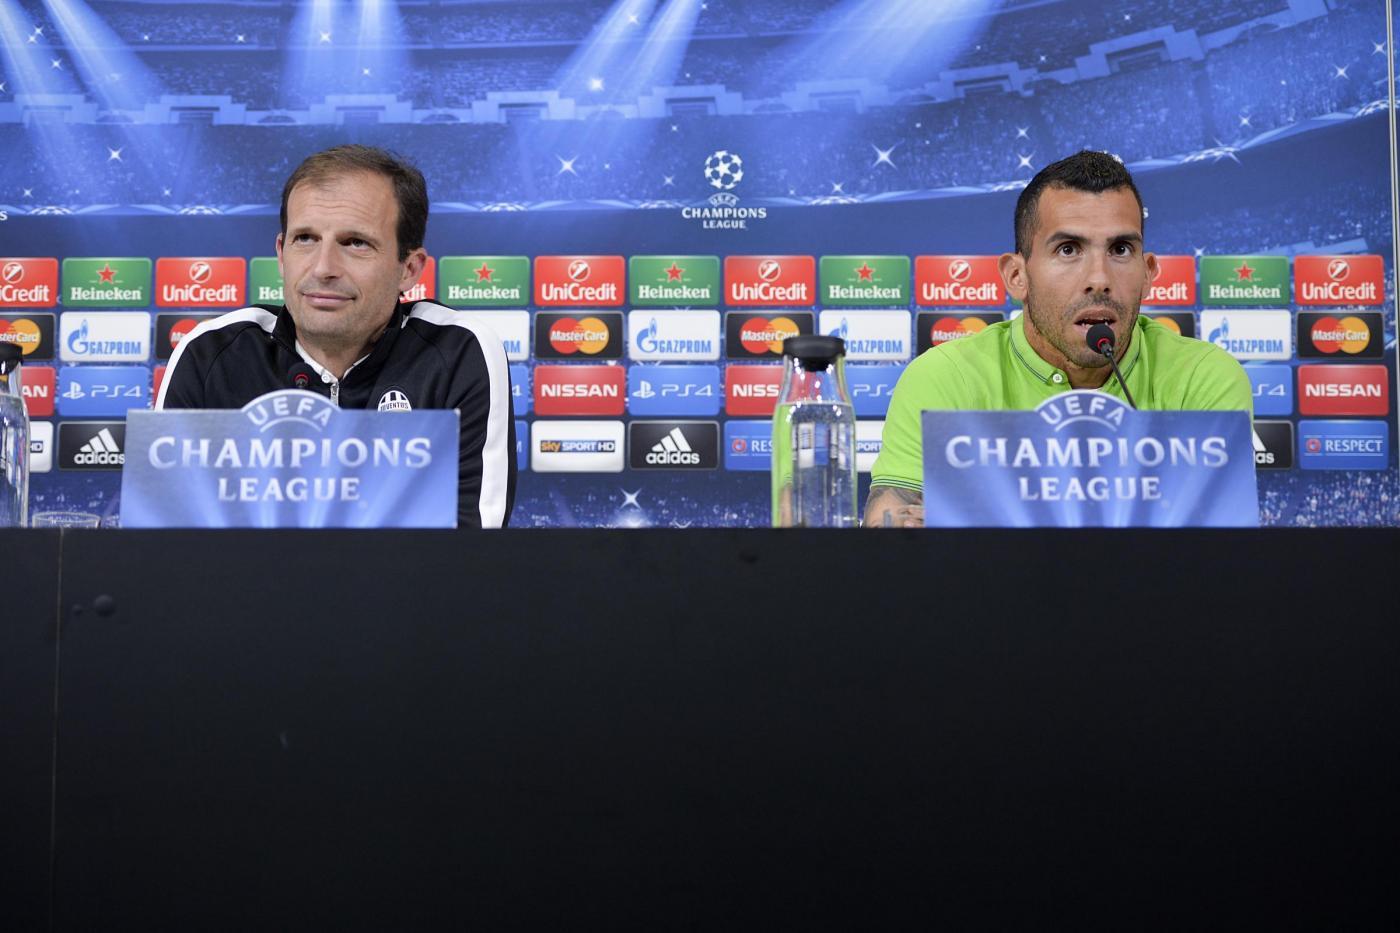 Calciomercato Juve: Allegri al Manchester United? Dopo lui..